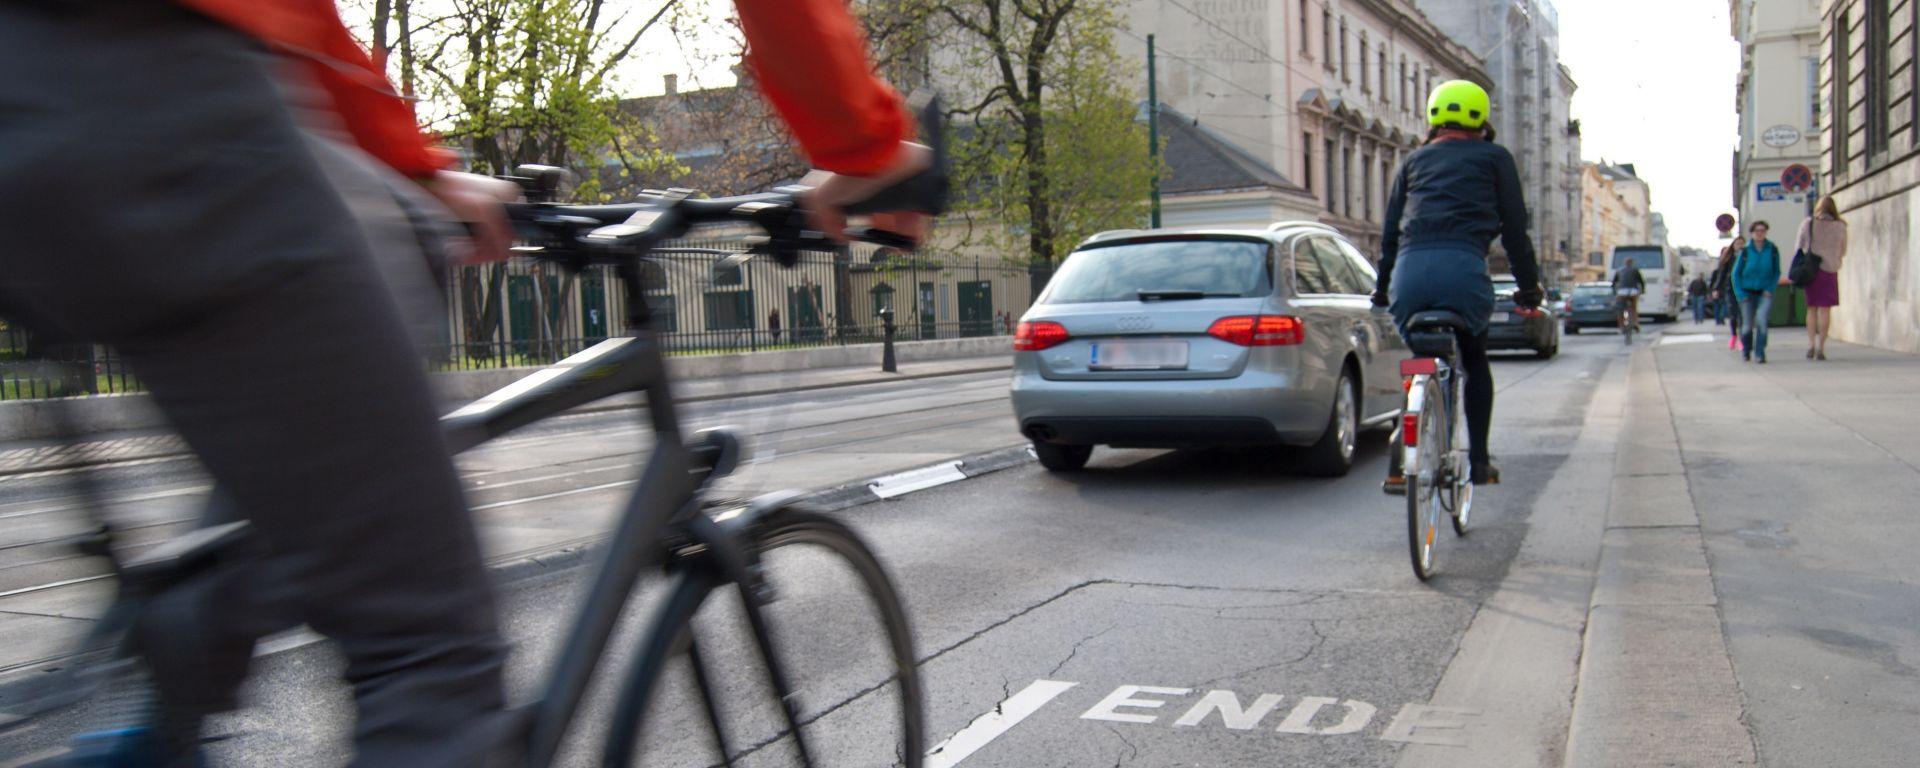 Ciclisti su una pista ciclabile